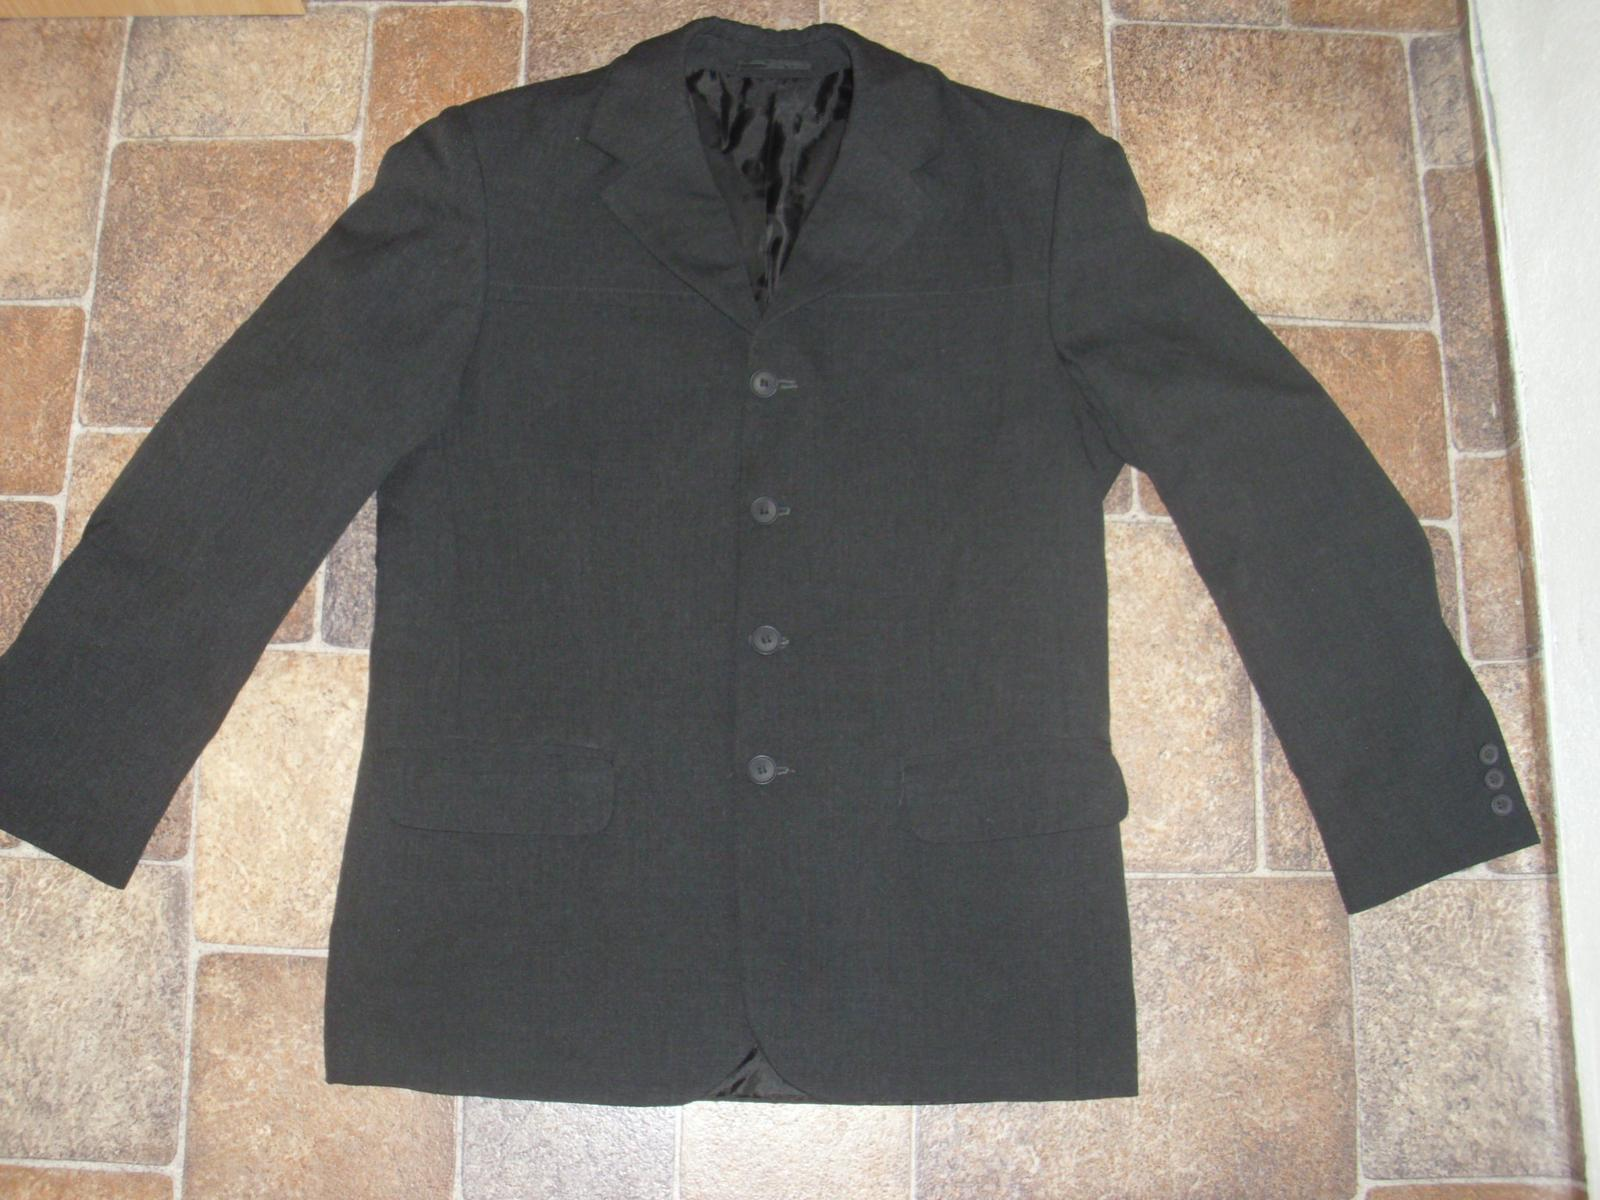 mam na predaj sako - Obrázok č. 1